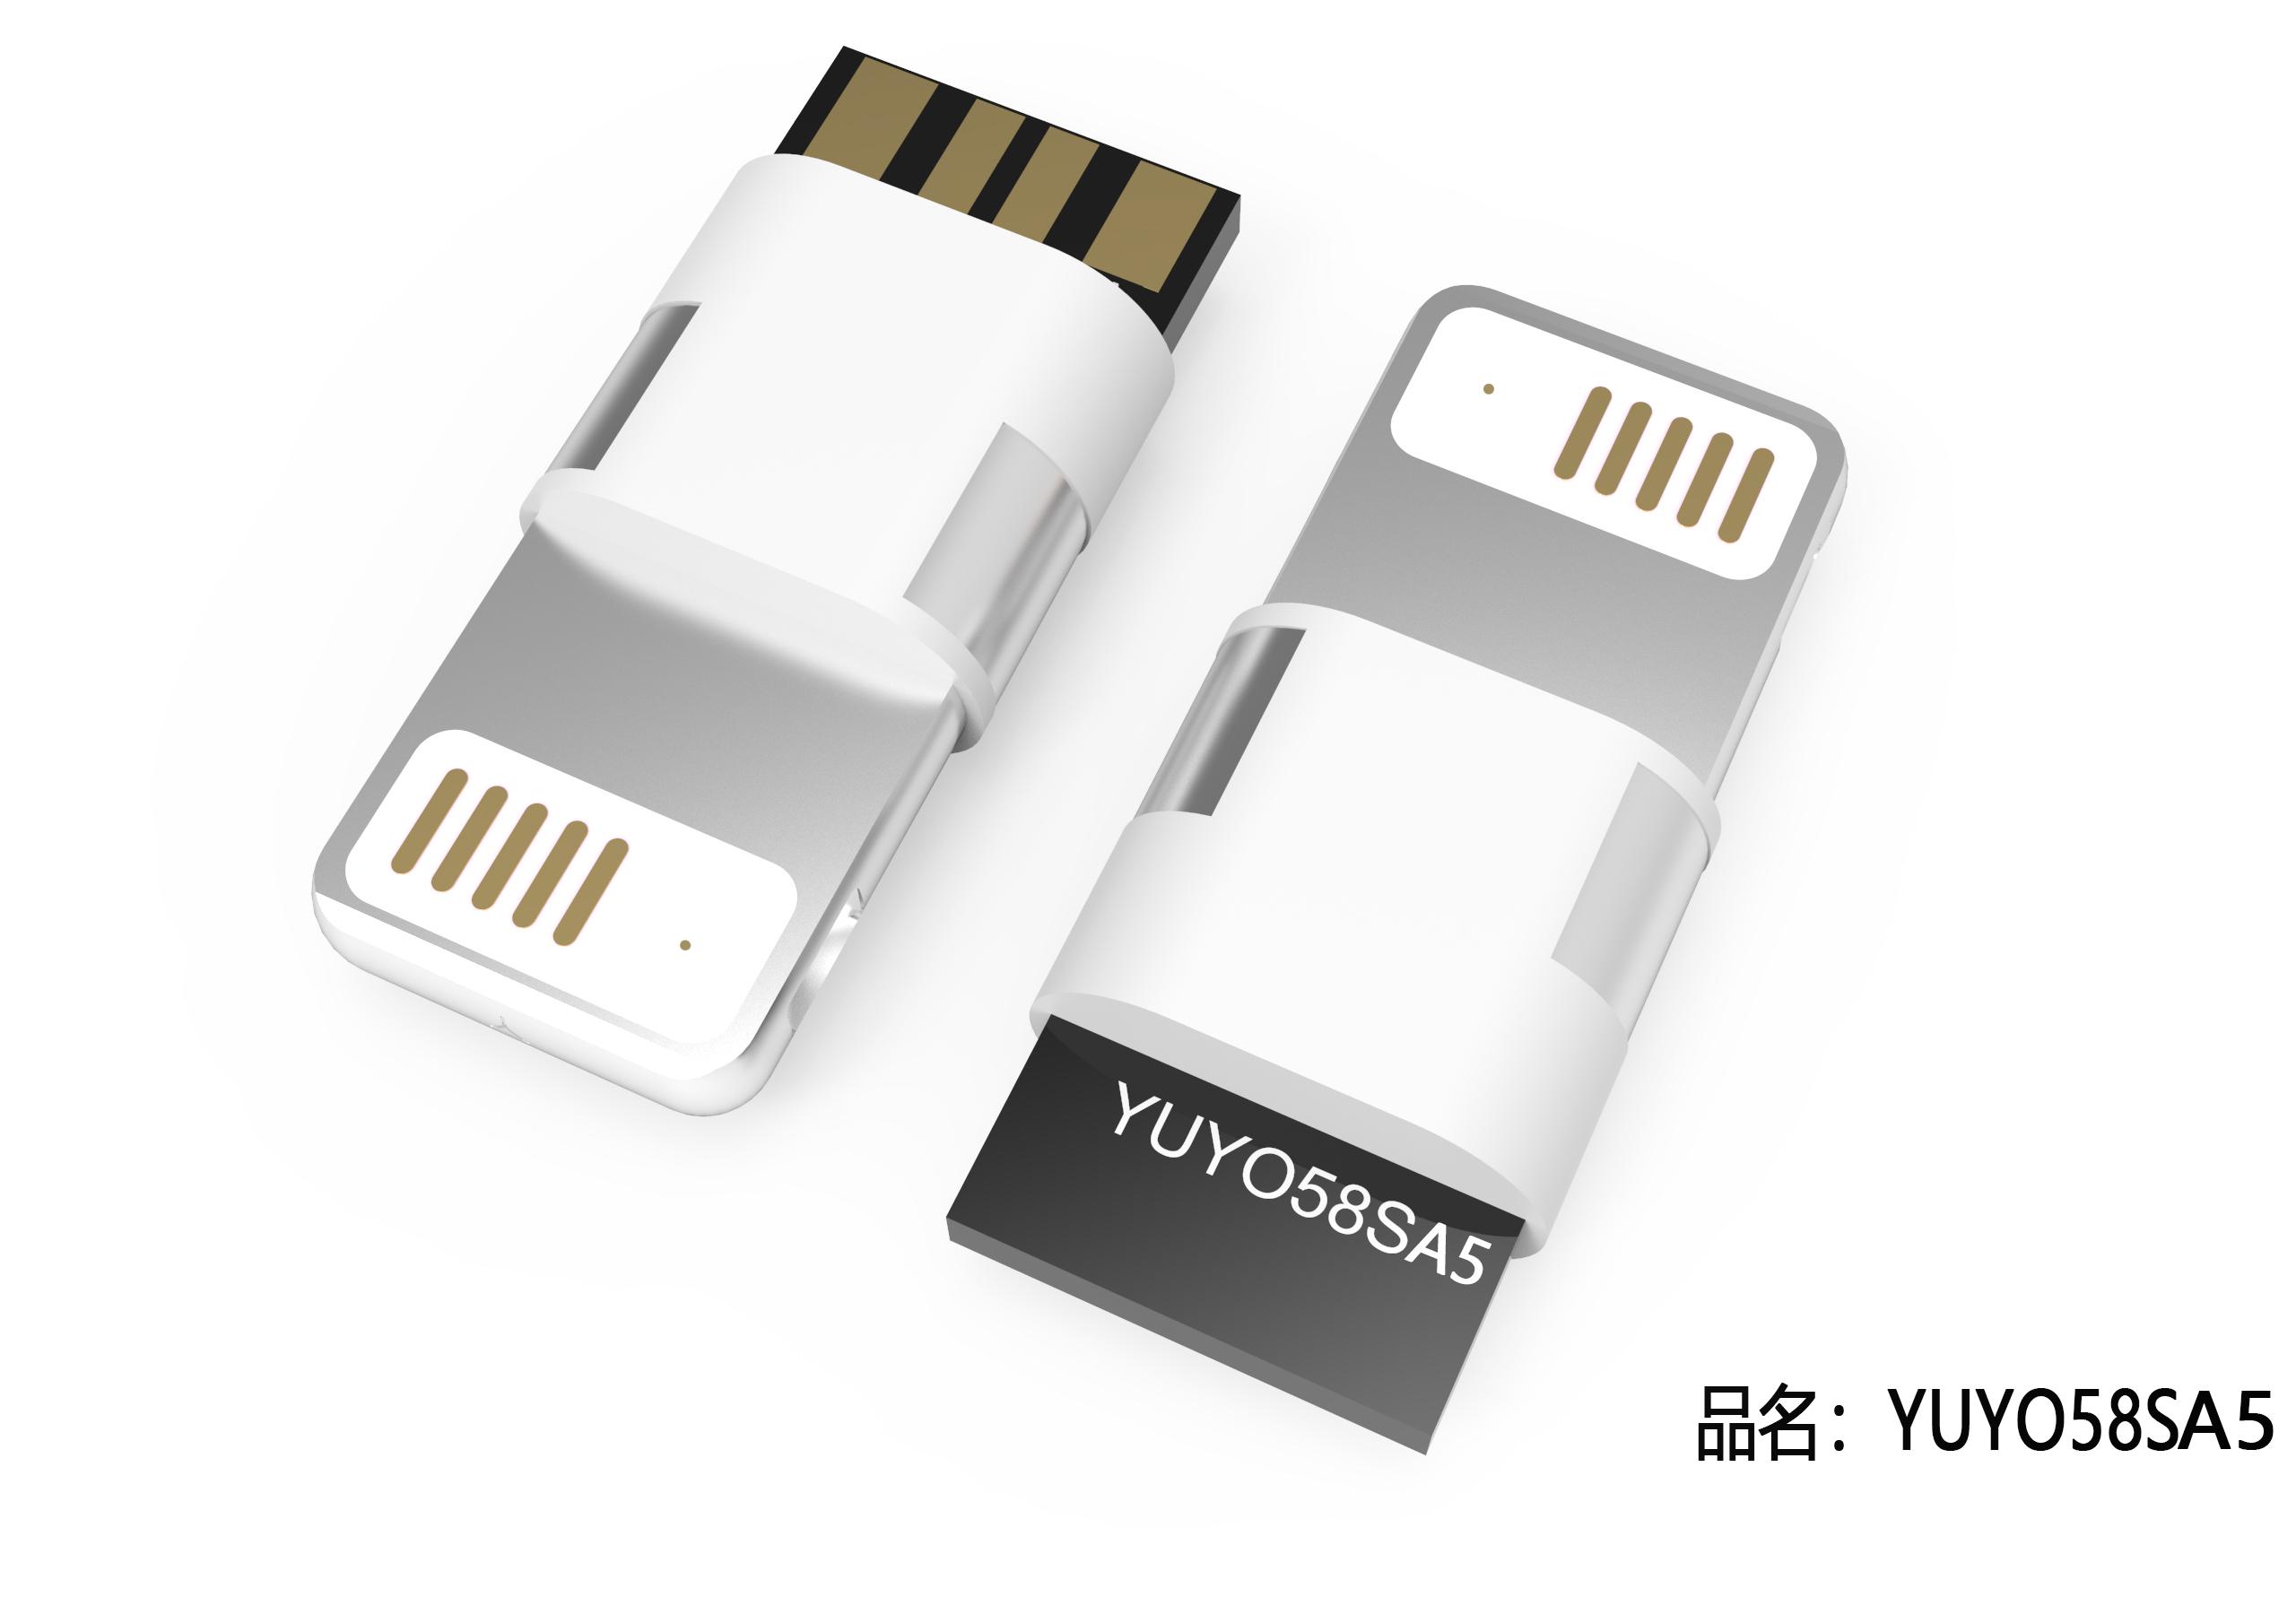 YUYO58SA5